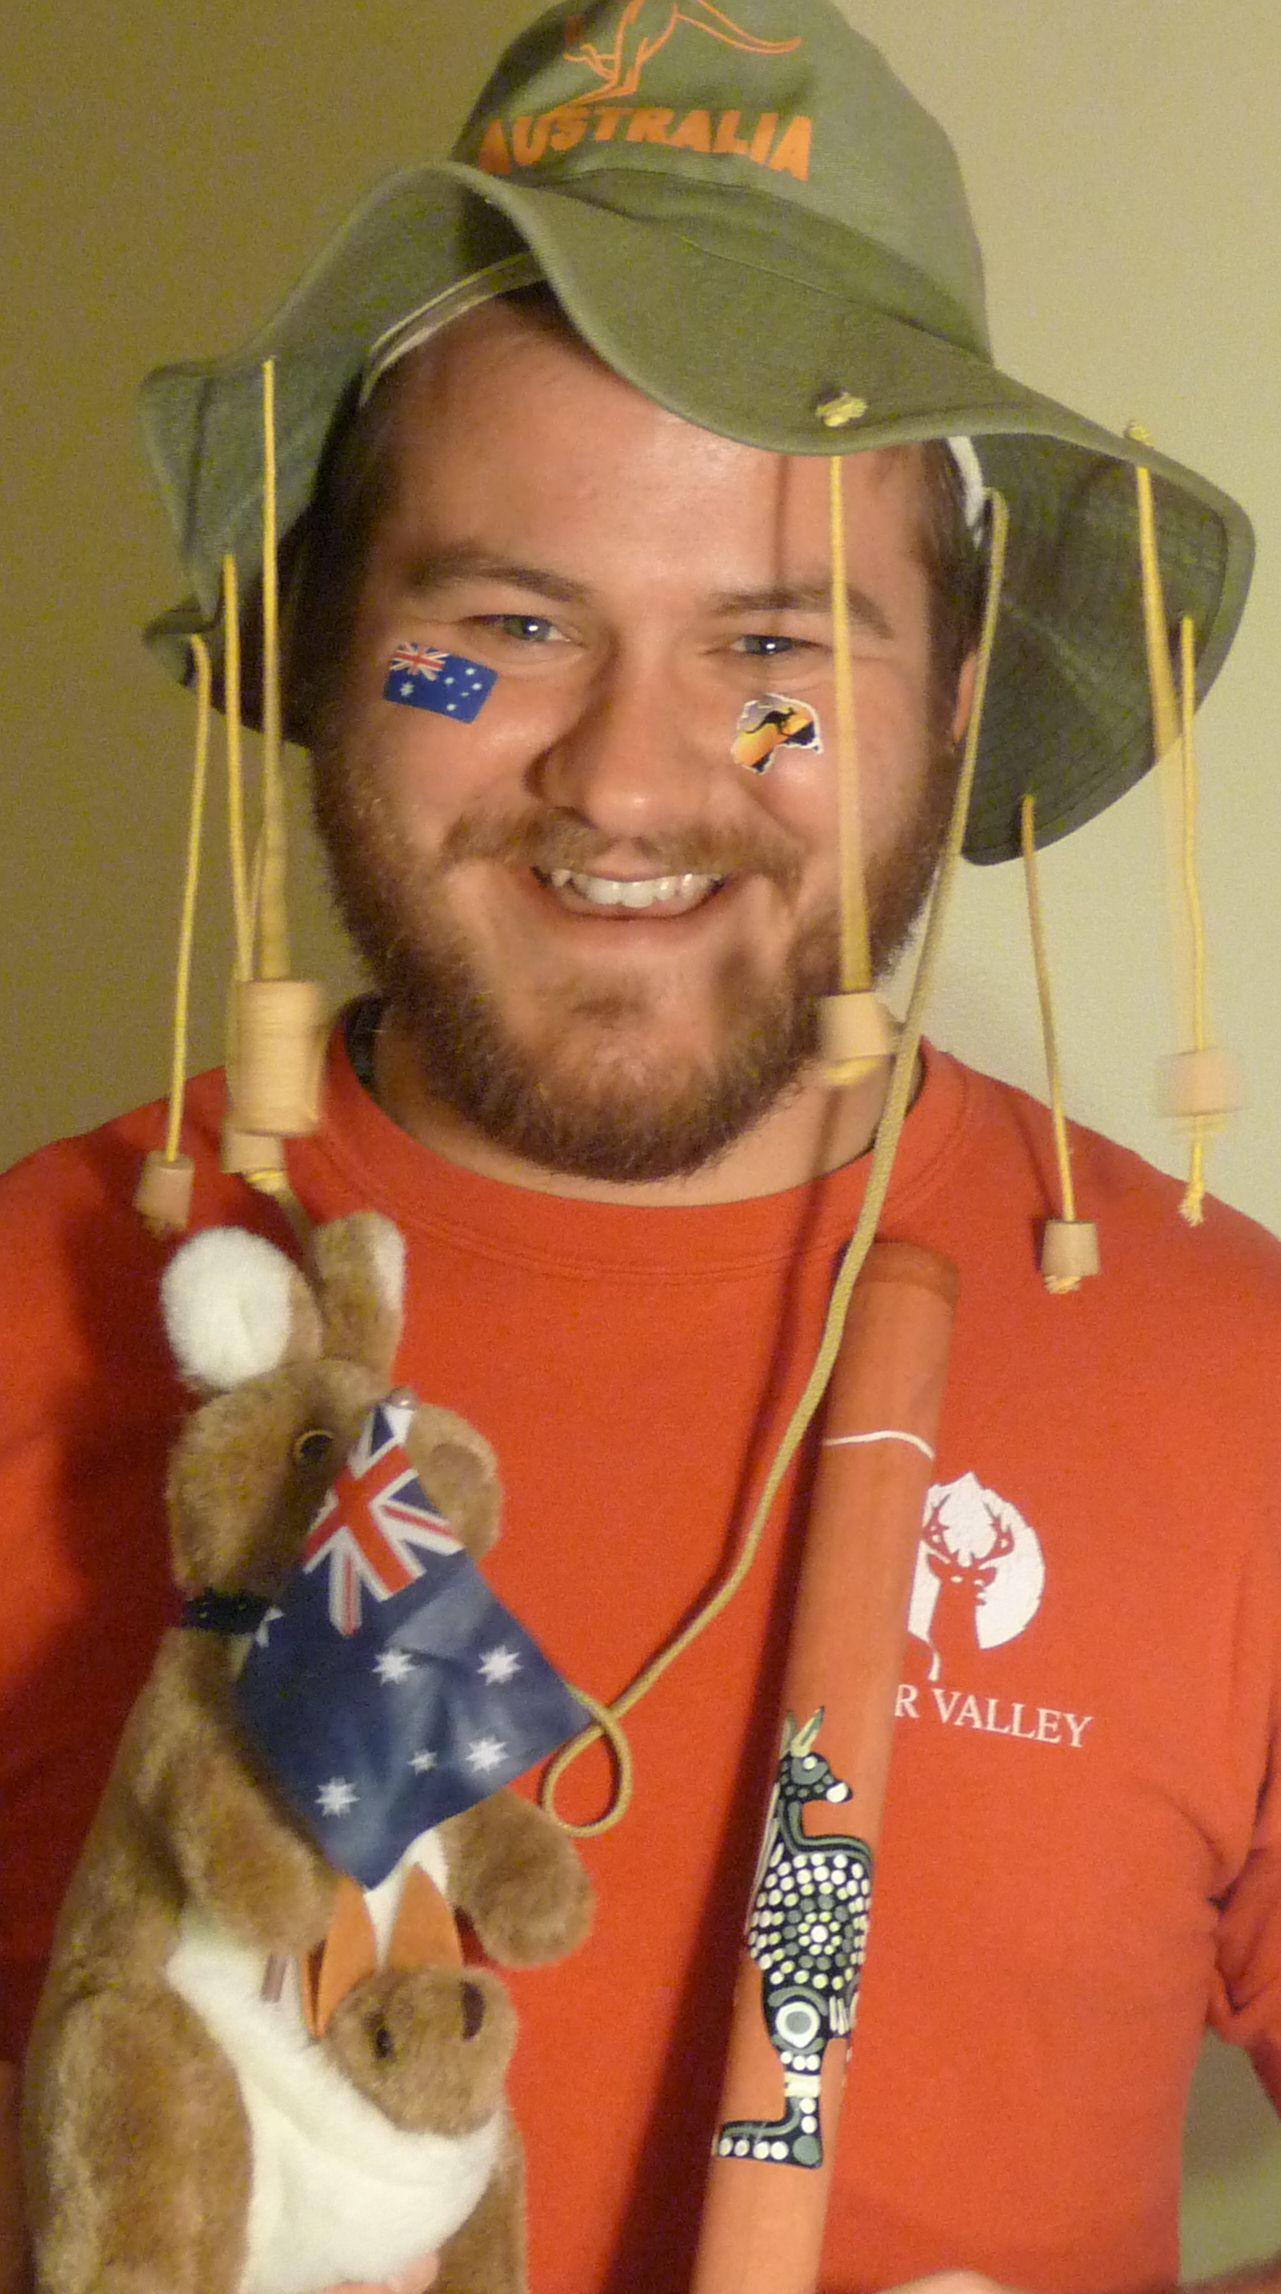 An_Aussie_bloke_wearing_a_cork_hat.jpg